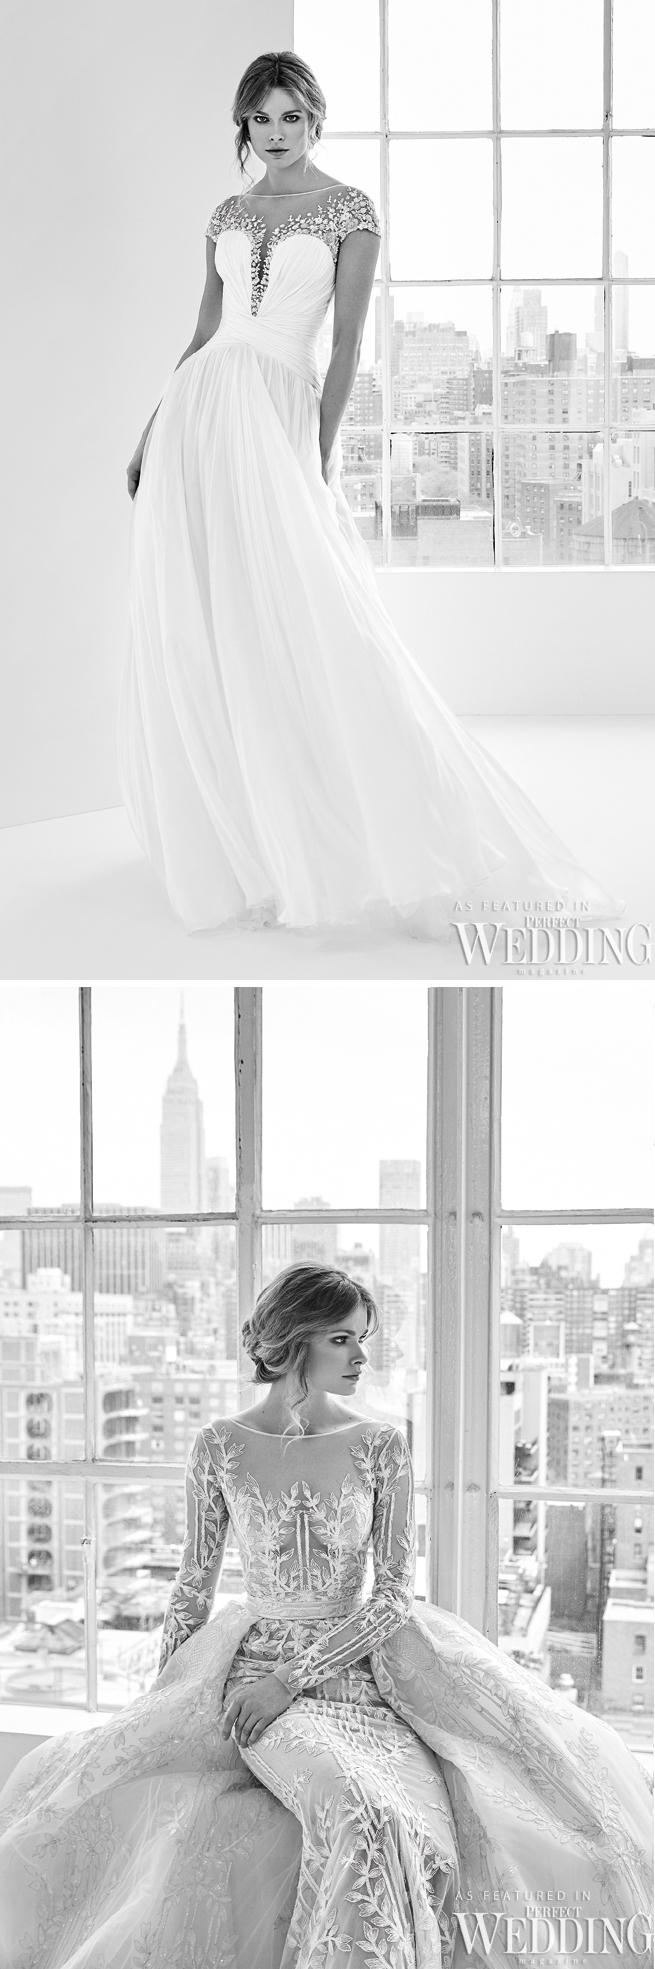 Zuhair Murad, Zuhair Murad Bridal Collection, Zuhair Murad Wedding Gowns, Zuhair Murad Summer 2018 Bridal Collection, Wedding Gowns, Perfect Wedding Magazine, Perfect Wedding Blog, Zuhair Murad Bride